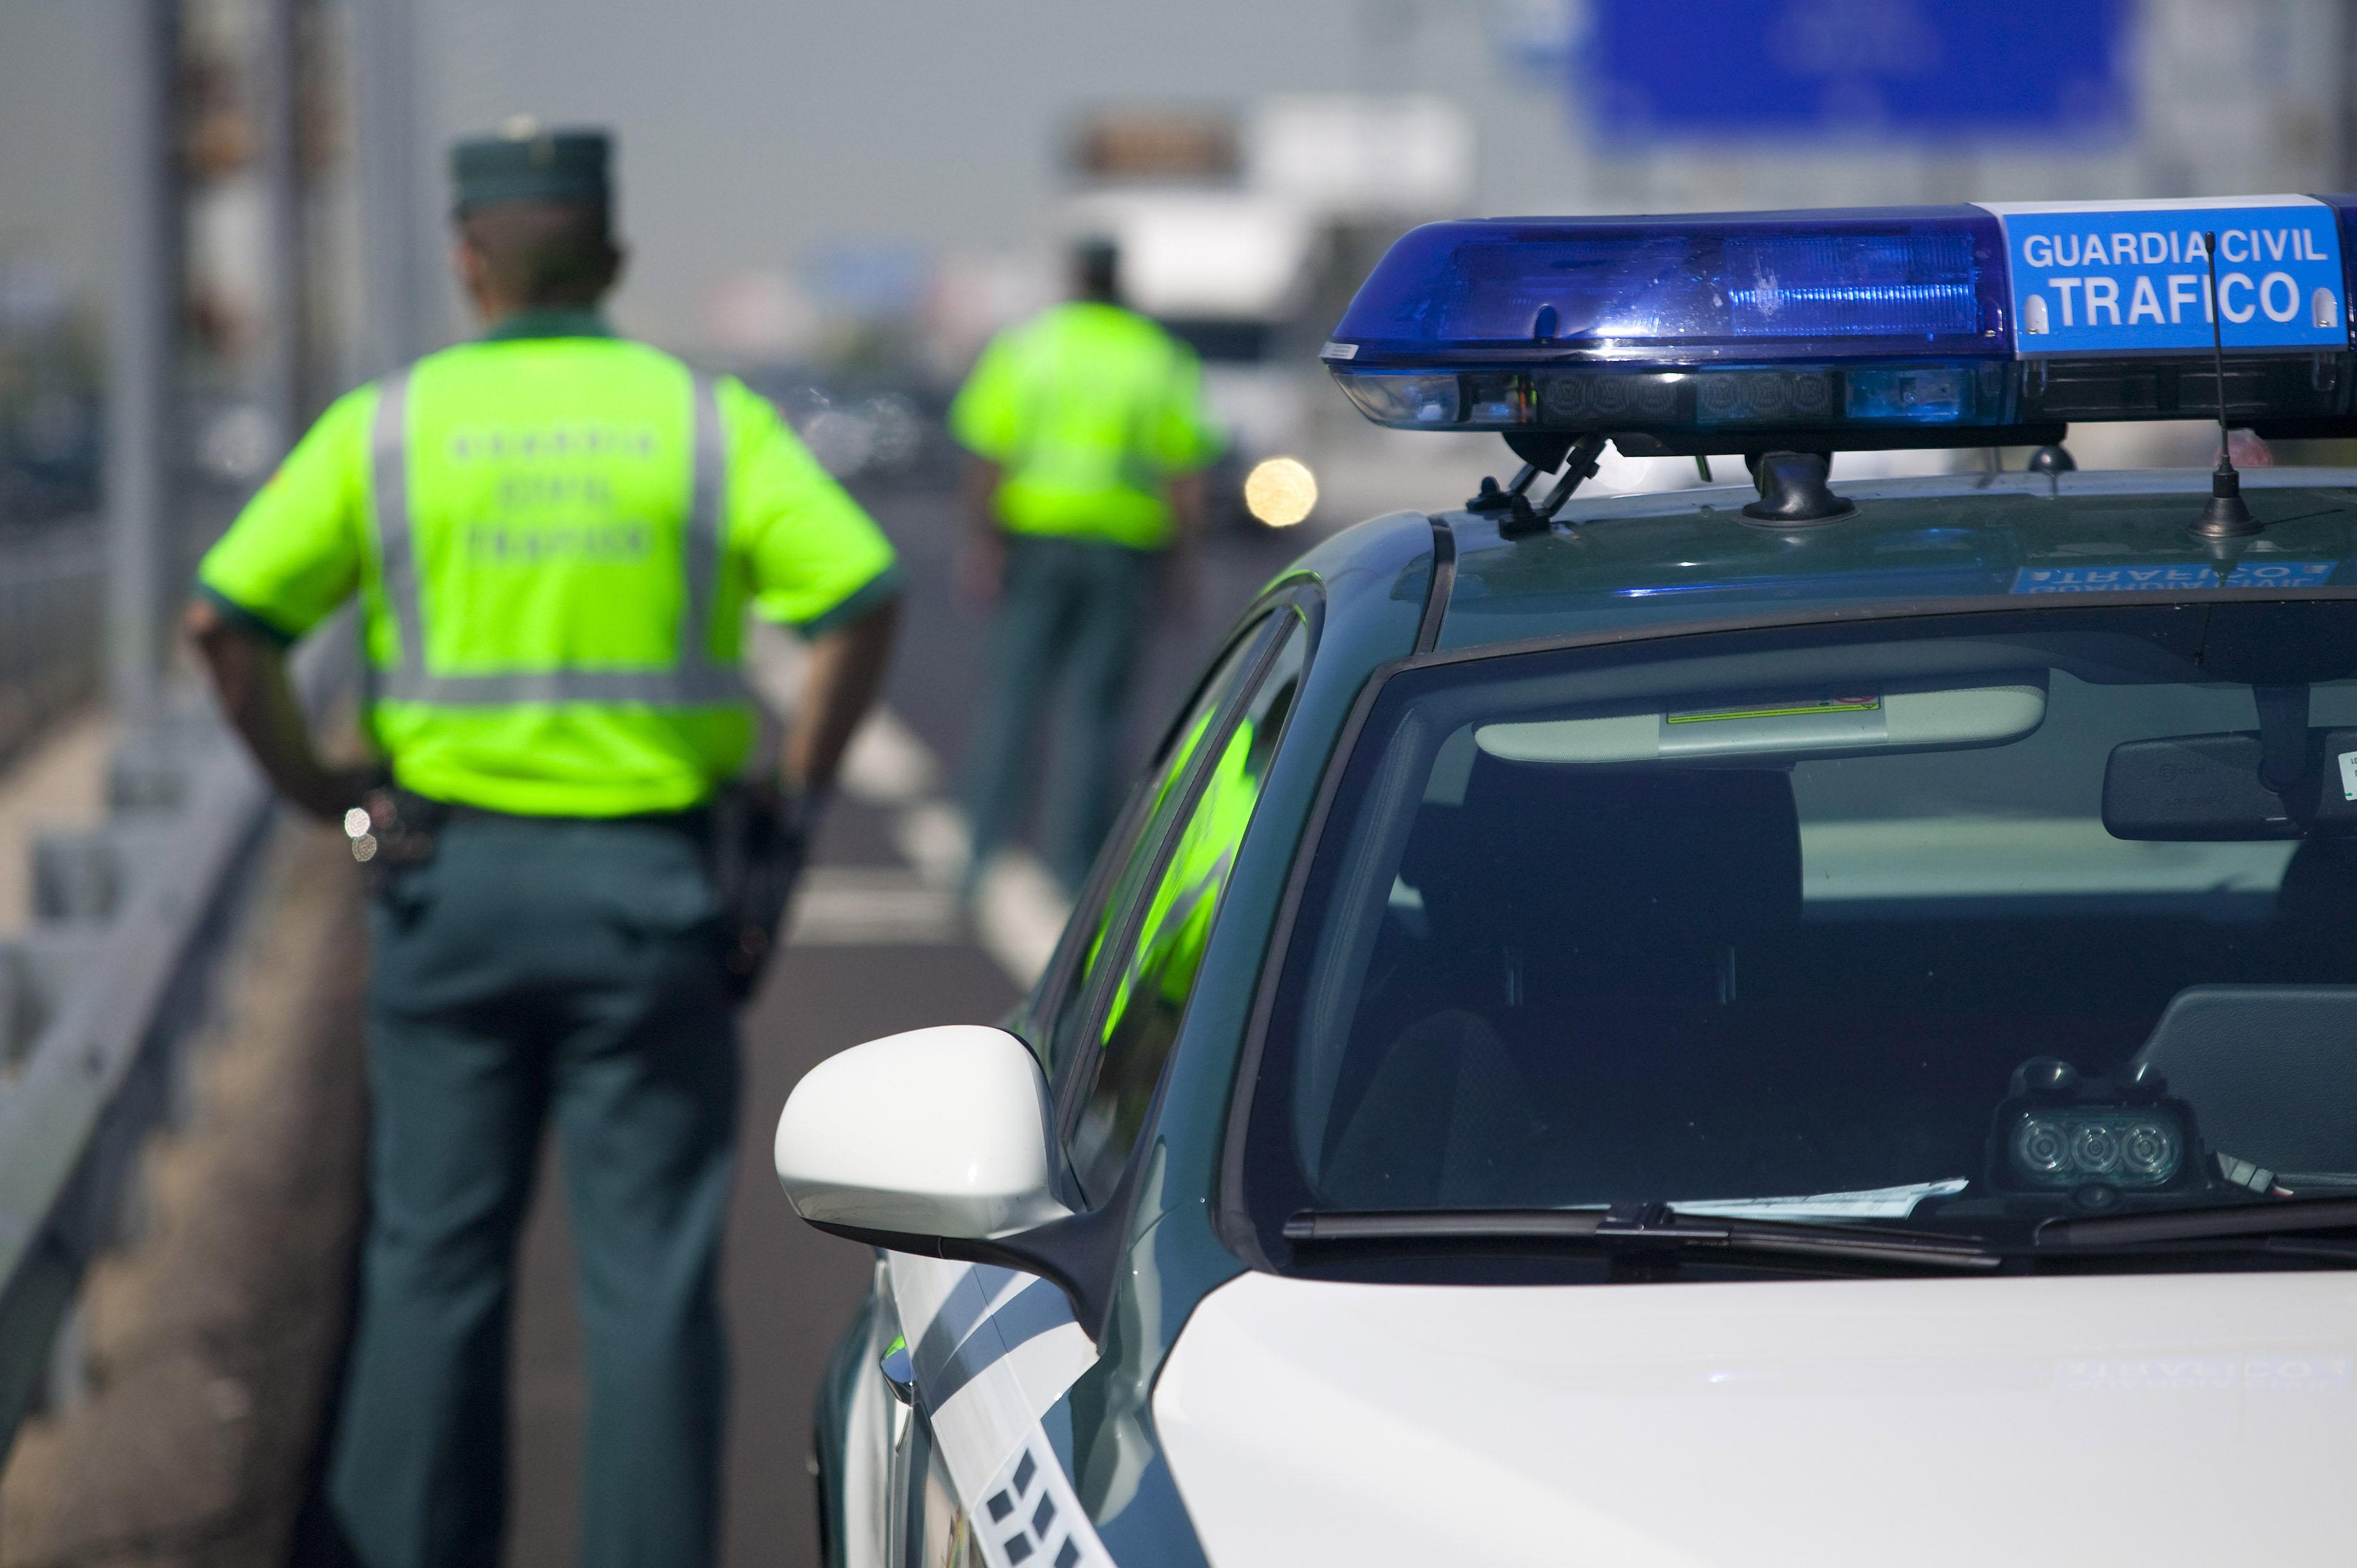 La Guardia Civil intensifica la vigilancia en las carreteras convencionales